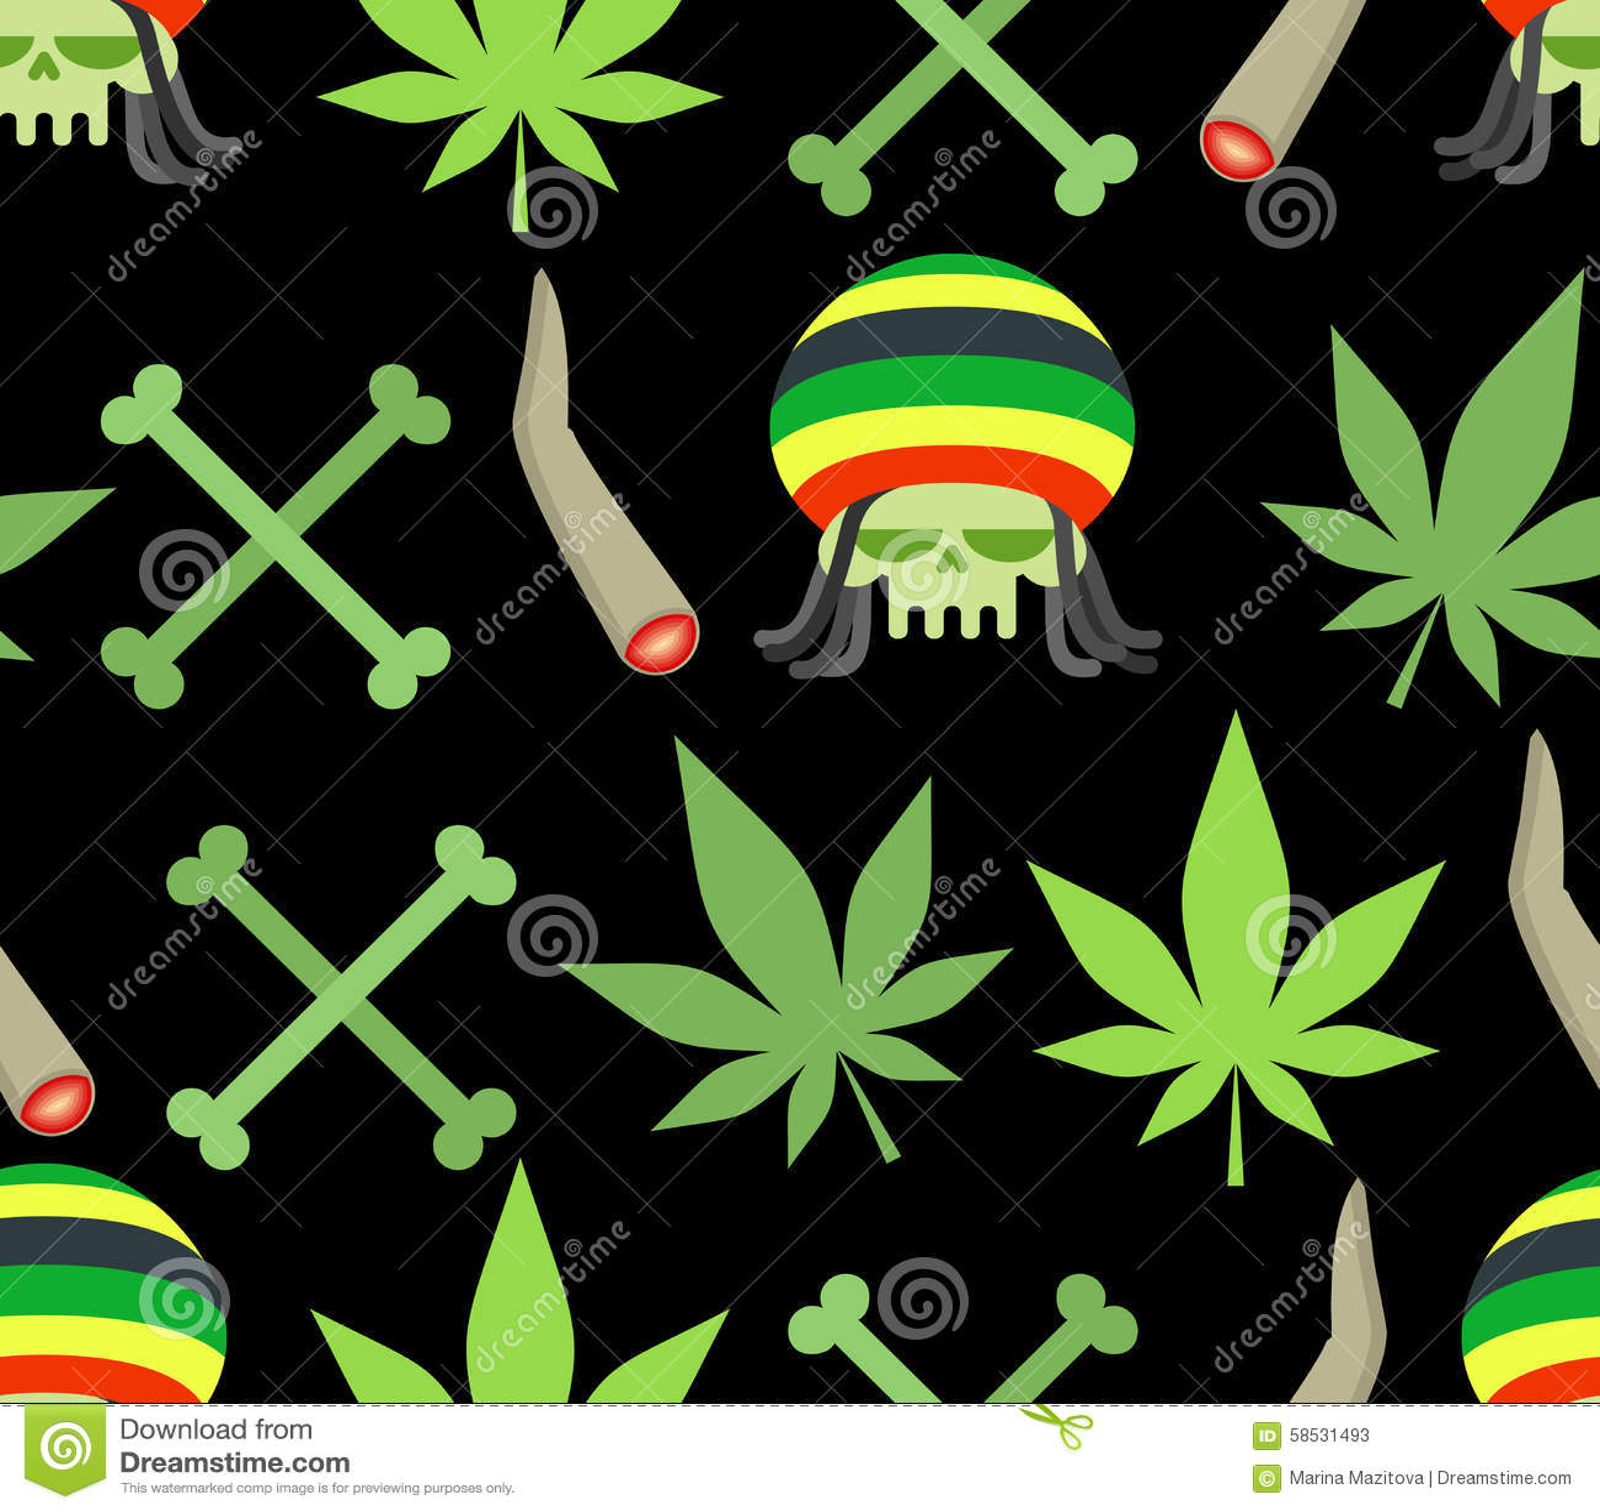 smoke weed wallpaper free download